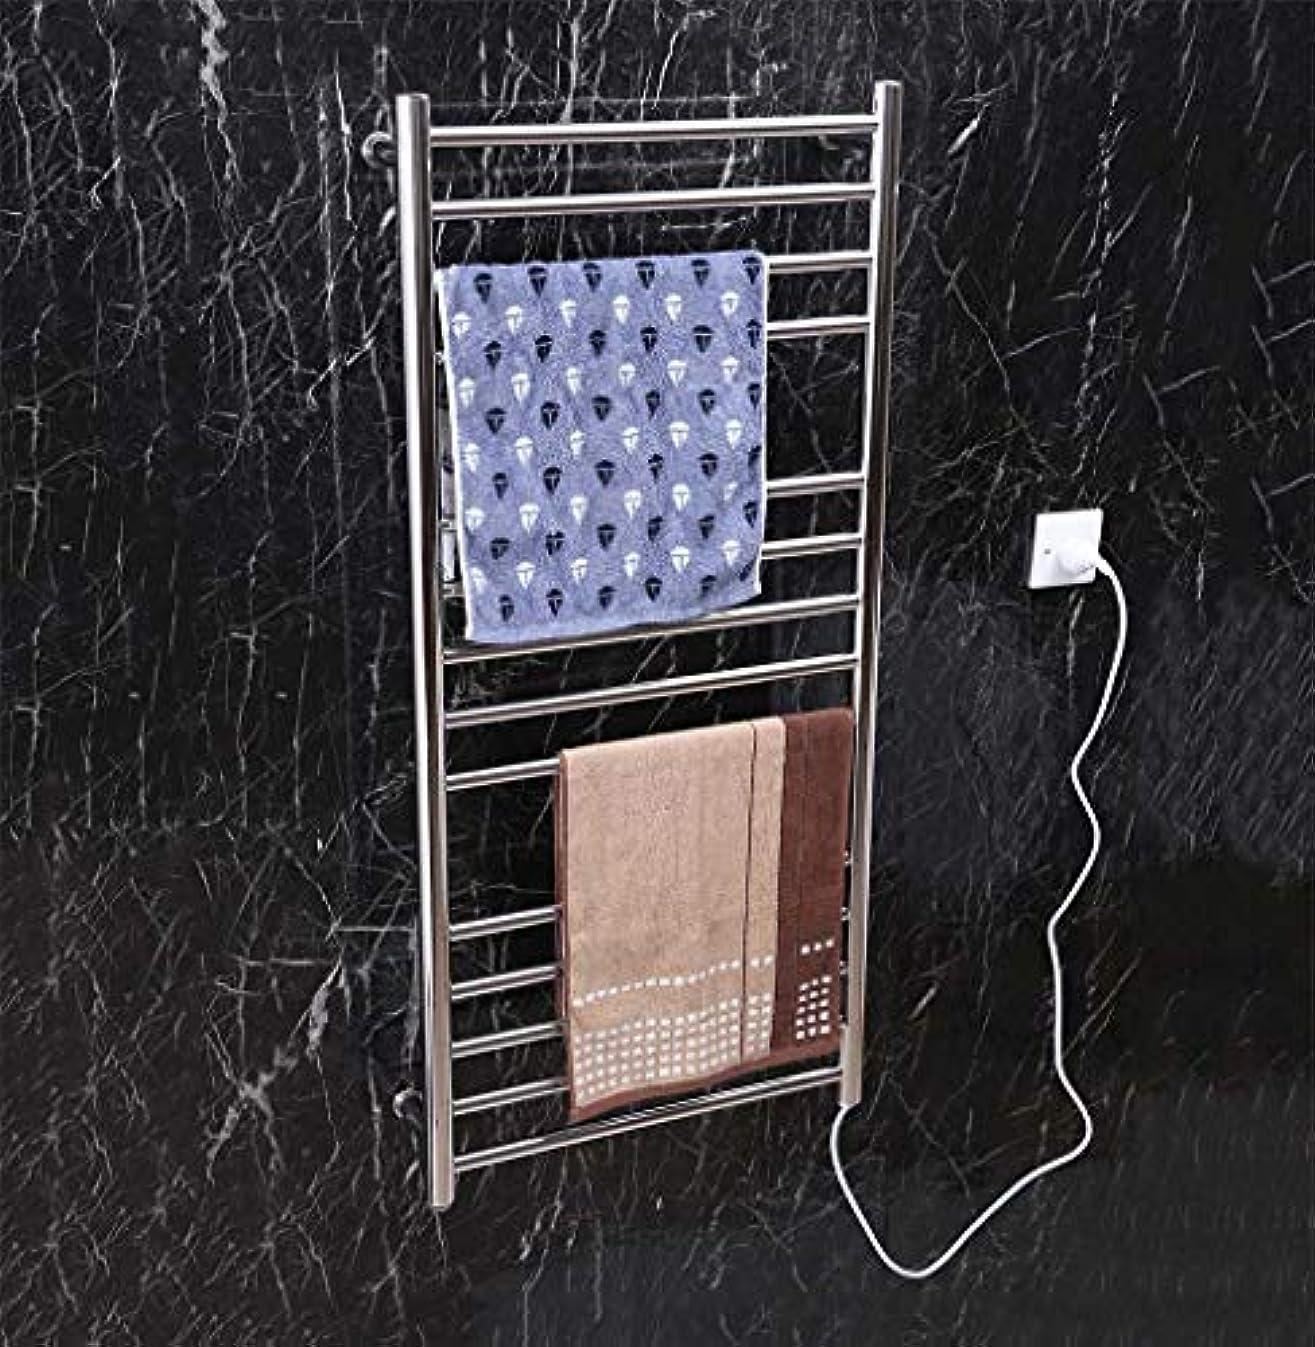 ポルノボイド顕微鏡スマート電気タオルウォーマー、304ステンレススチール壁掛け電気タオルラジエーター、家庭用ホテルのバスルームシェルフ、1100X520X120mm